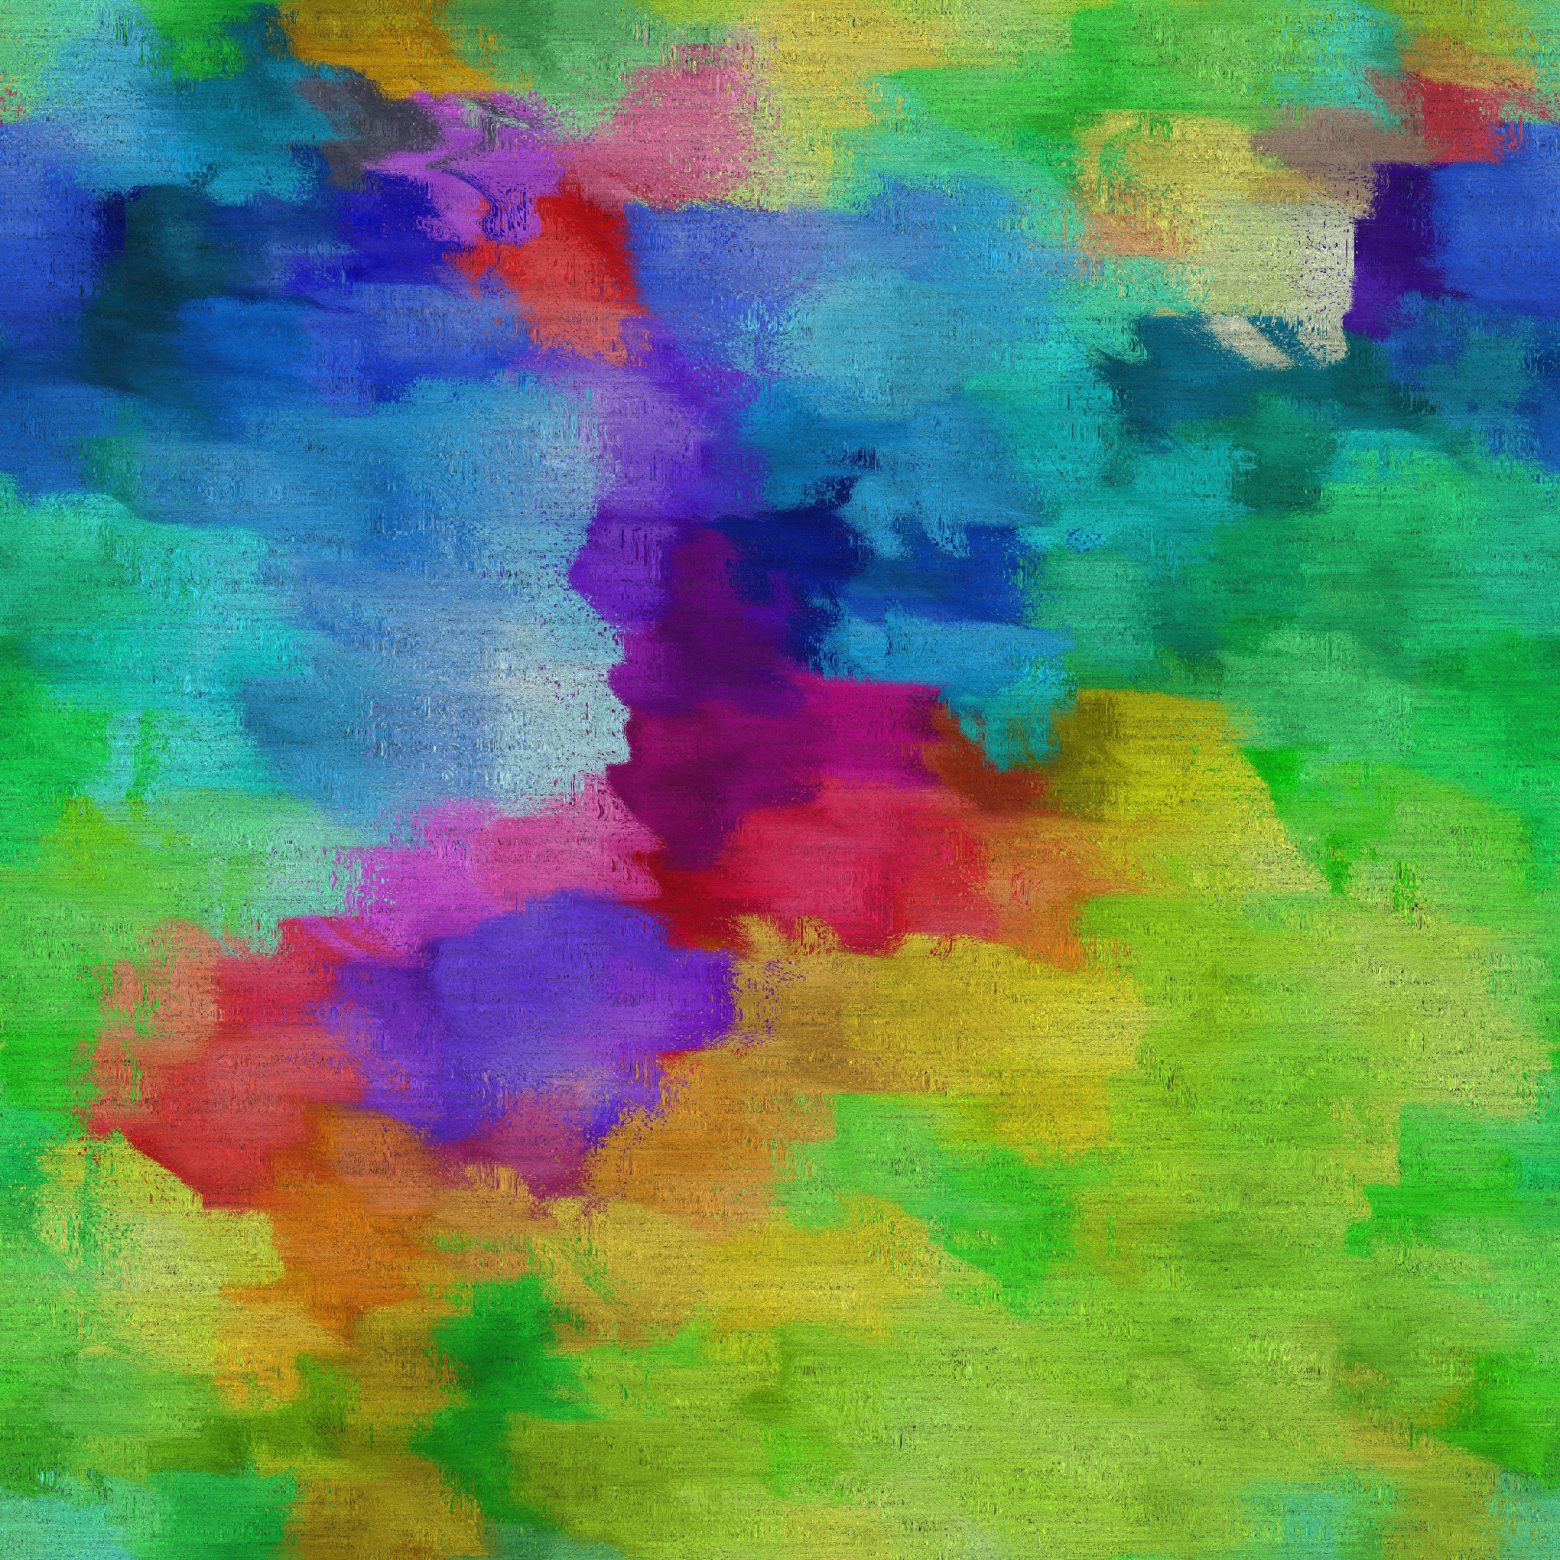 watercolor-3264479